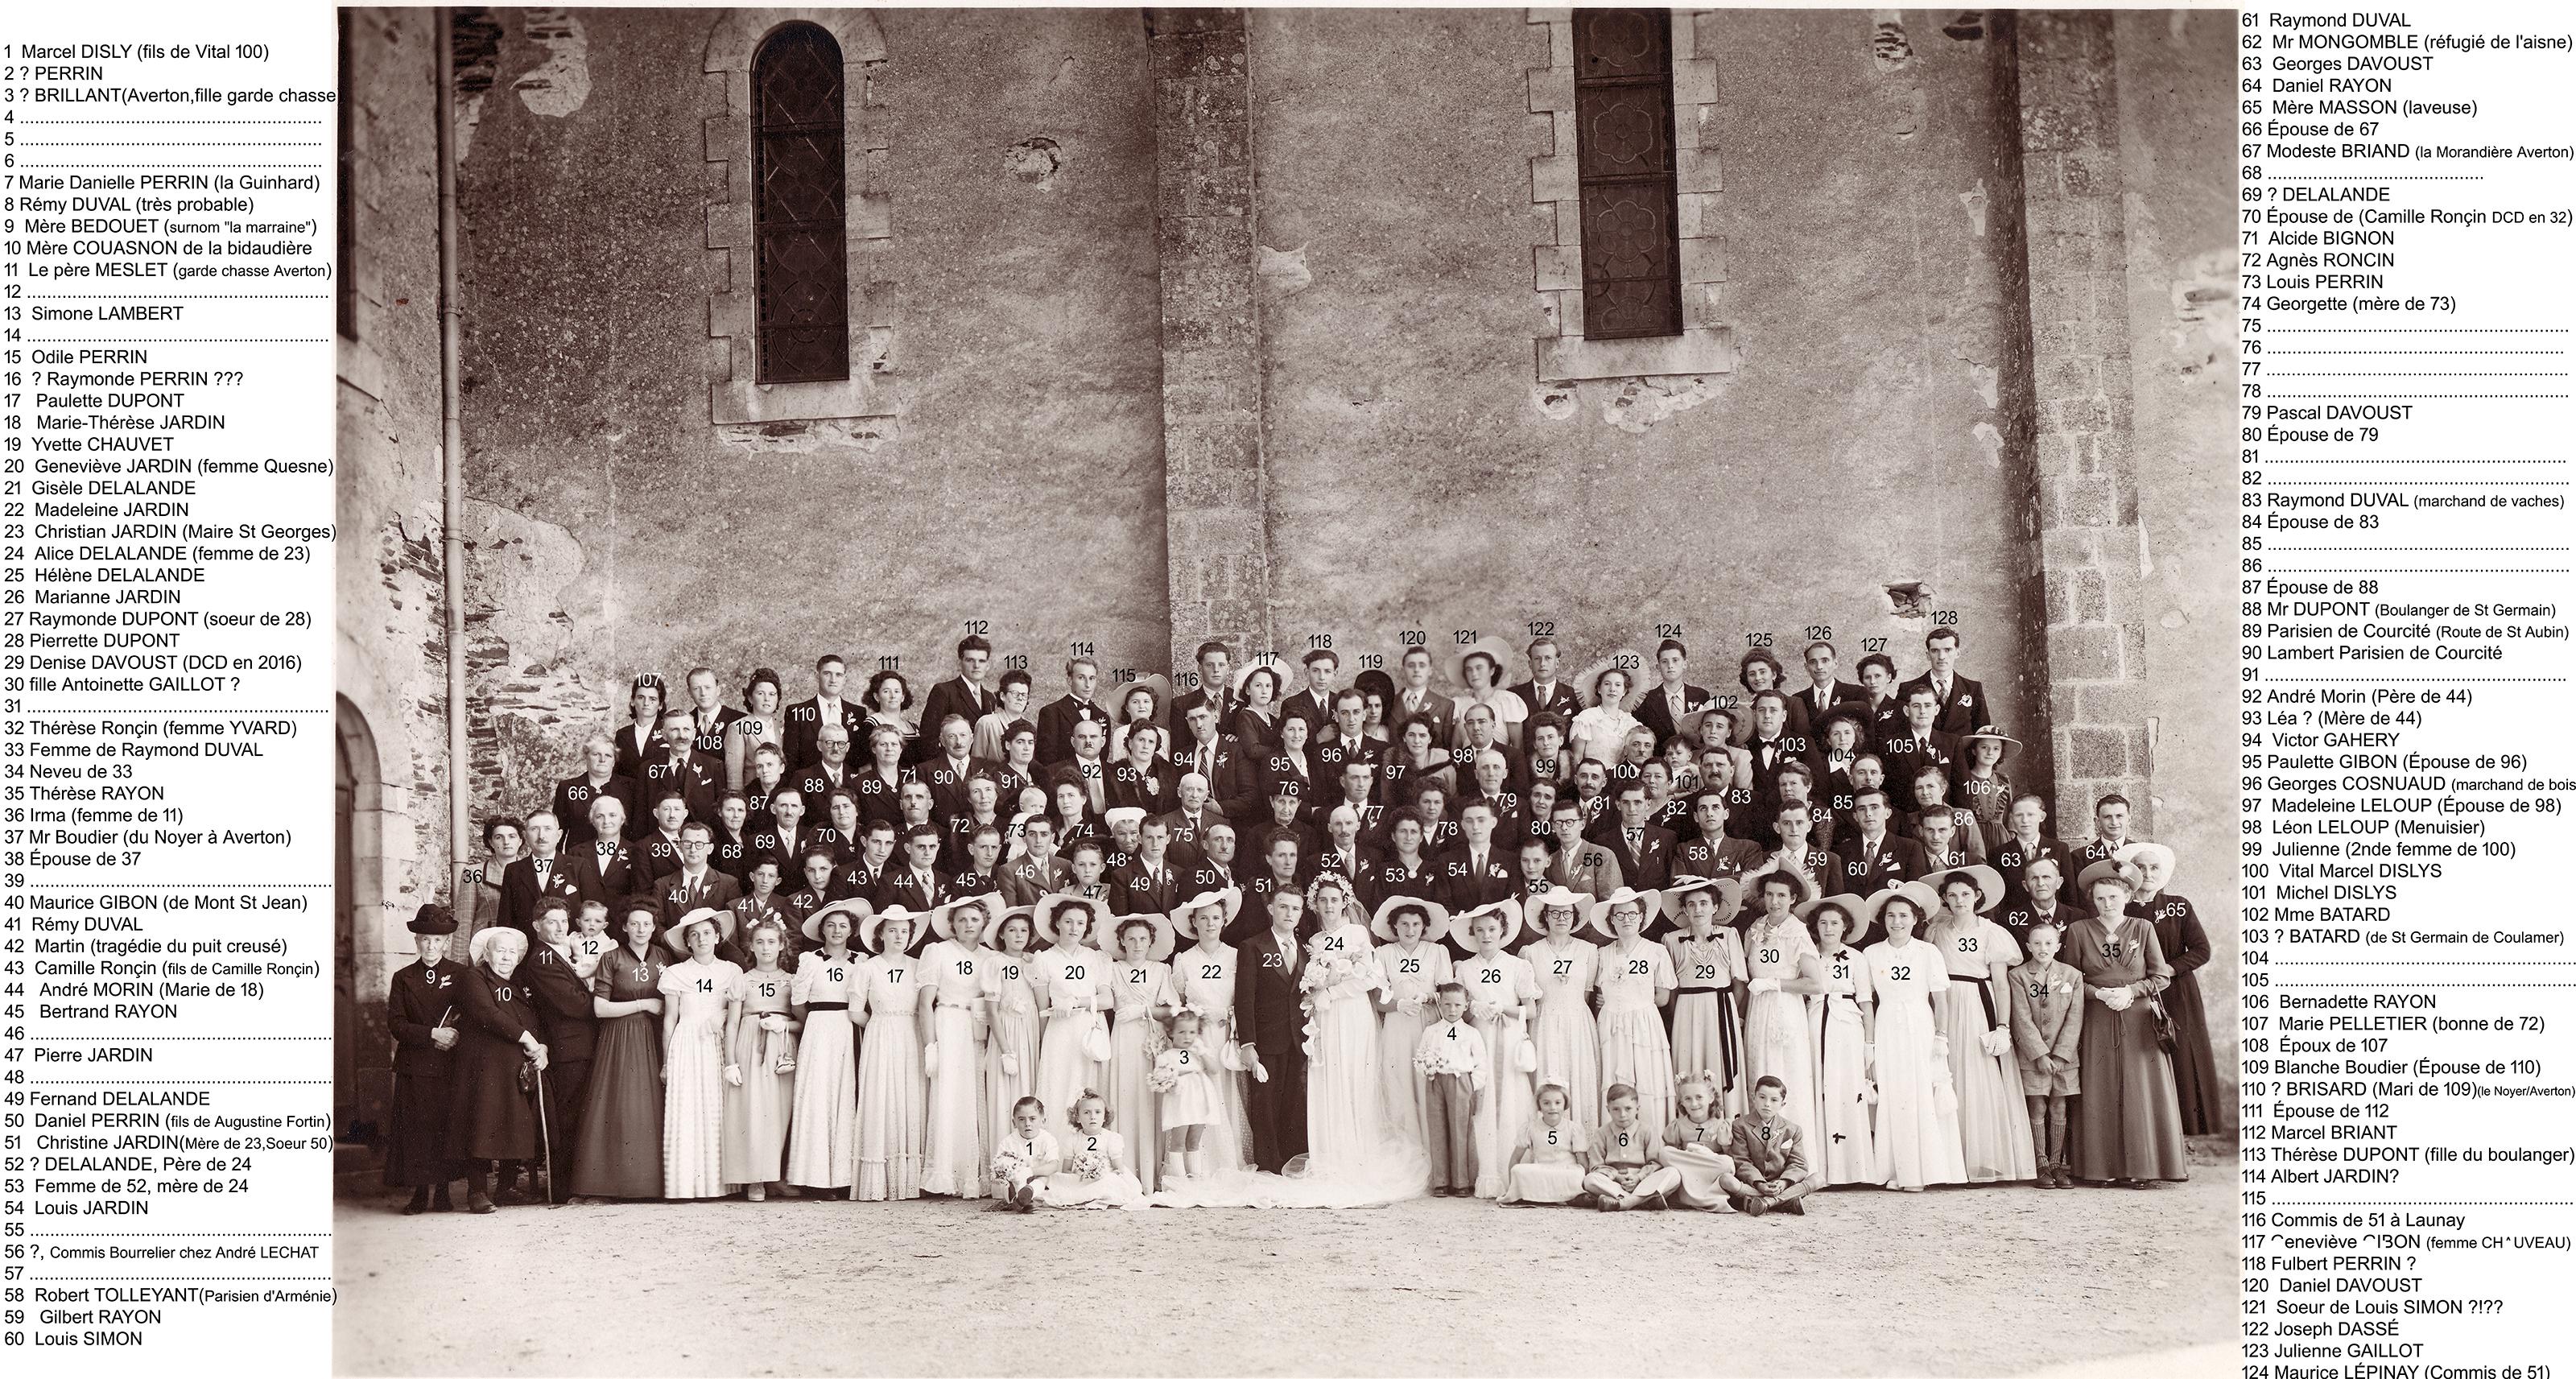 Saint Germain de Coulamers JARDIN Christian et DELALANDE Alice 1947 -1950 Vue 02 Patrice Rayon-